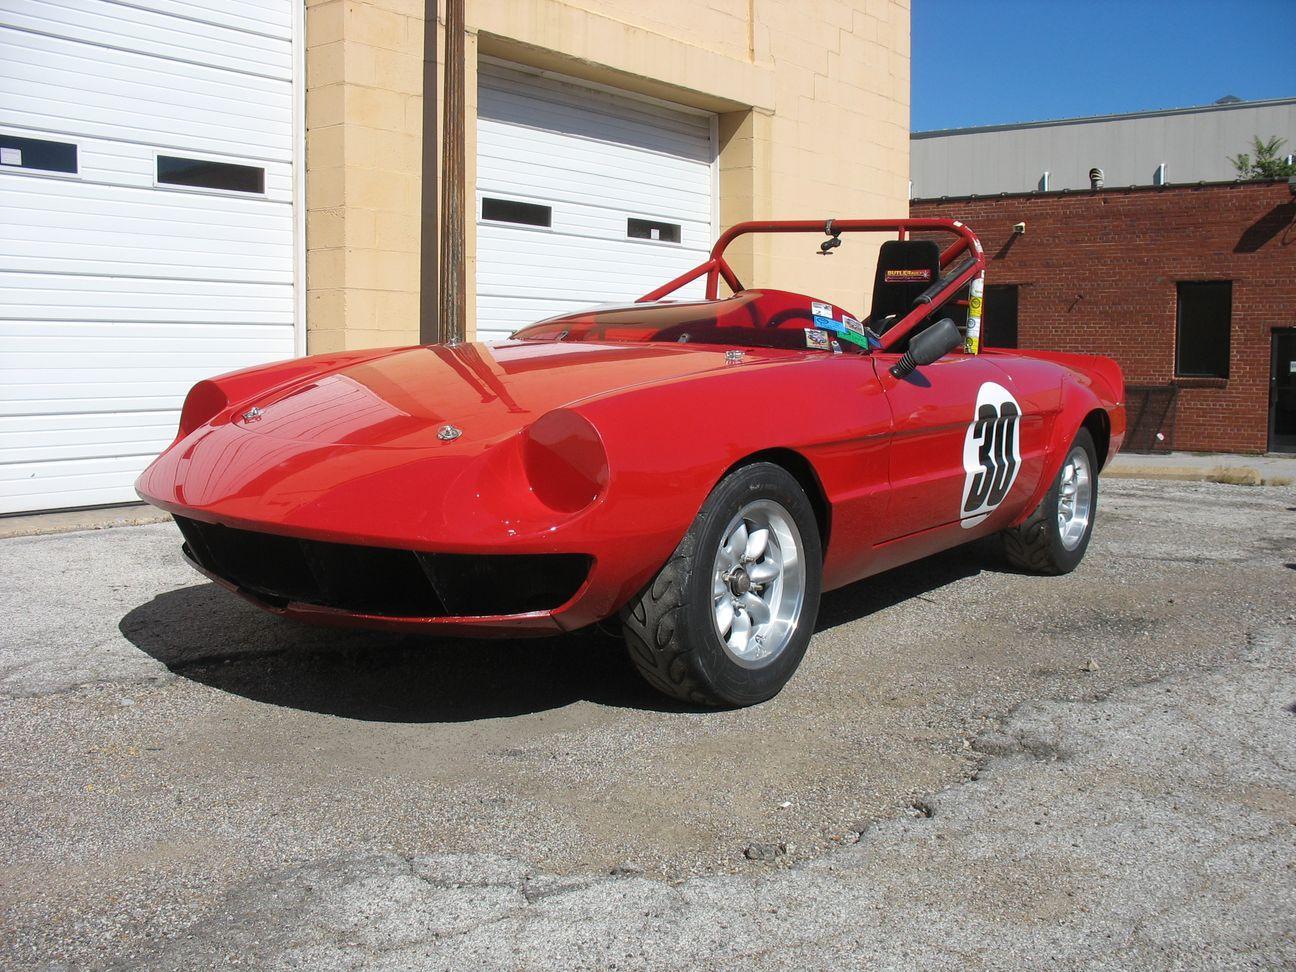 Alfa Romero race car